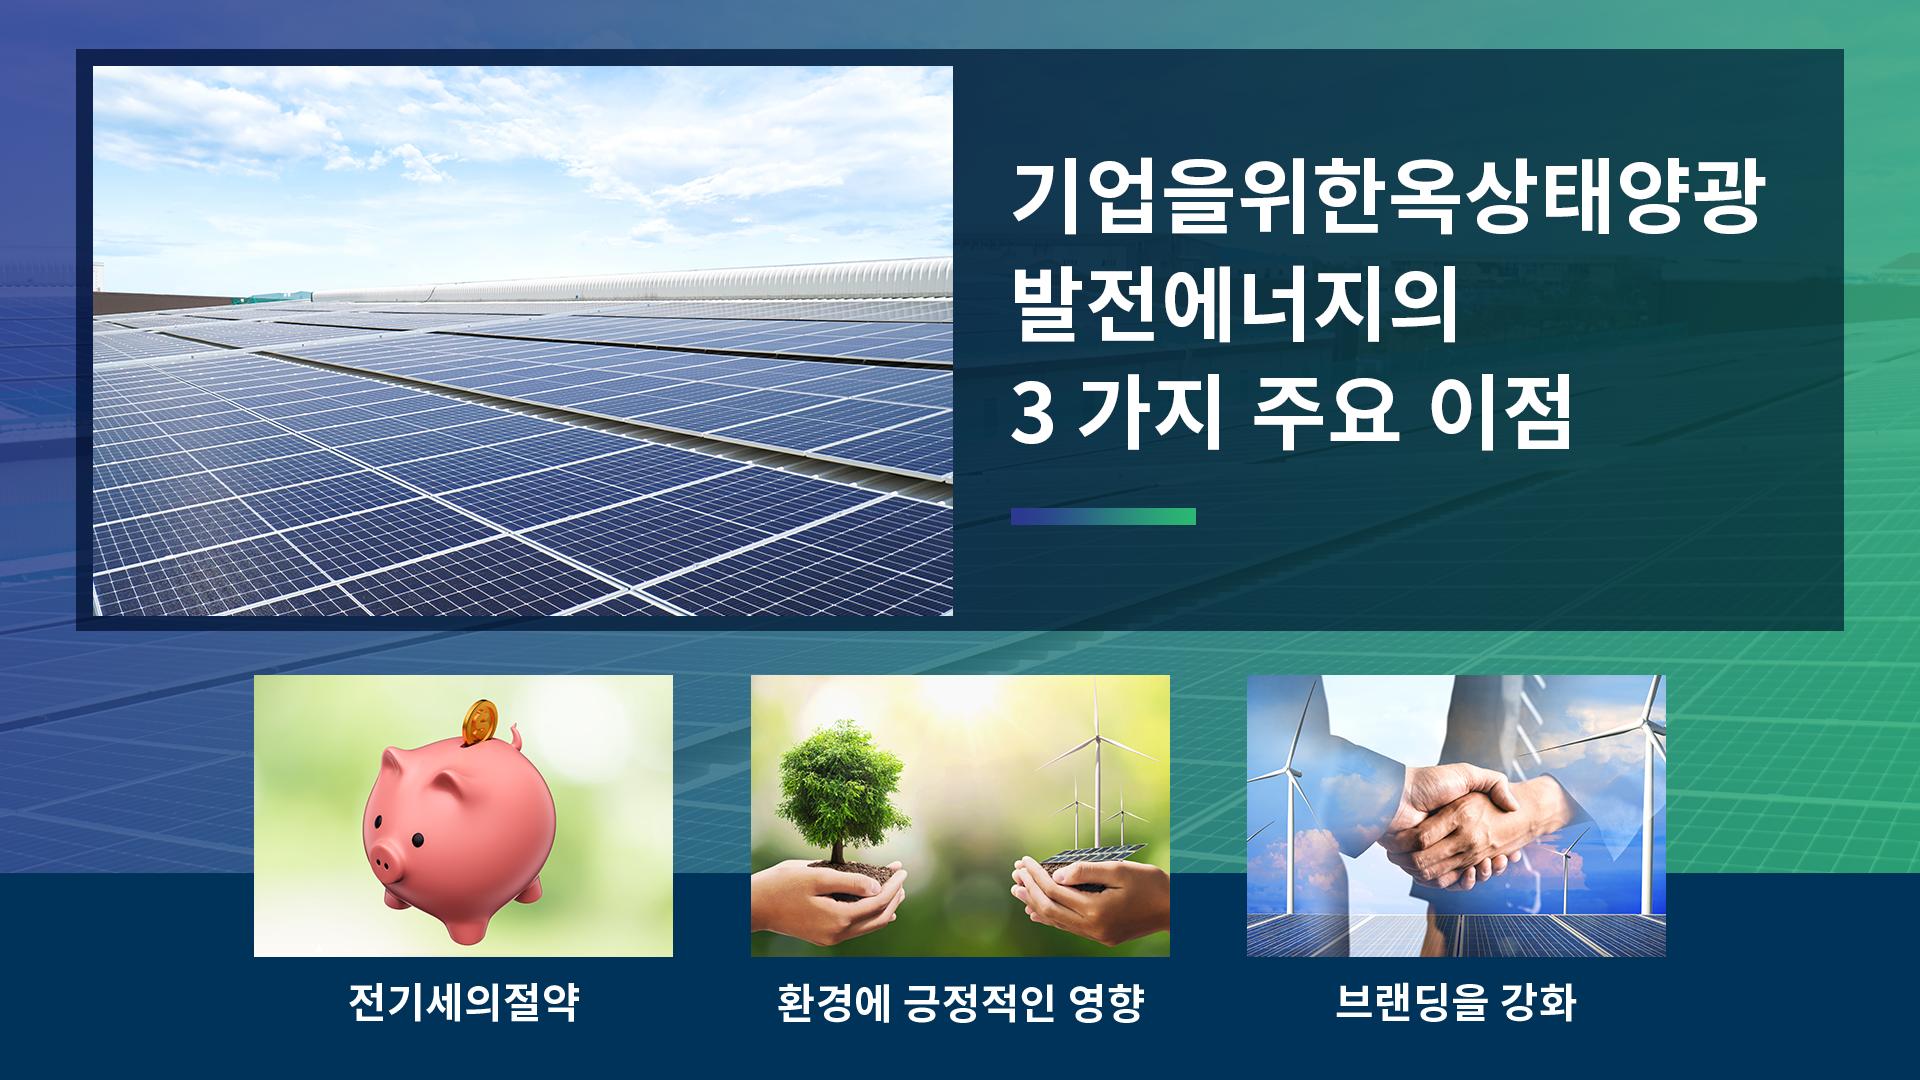 기업을위한 옥상태양광발전에너지의 3 가지 주요 이점